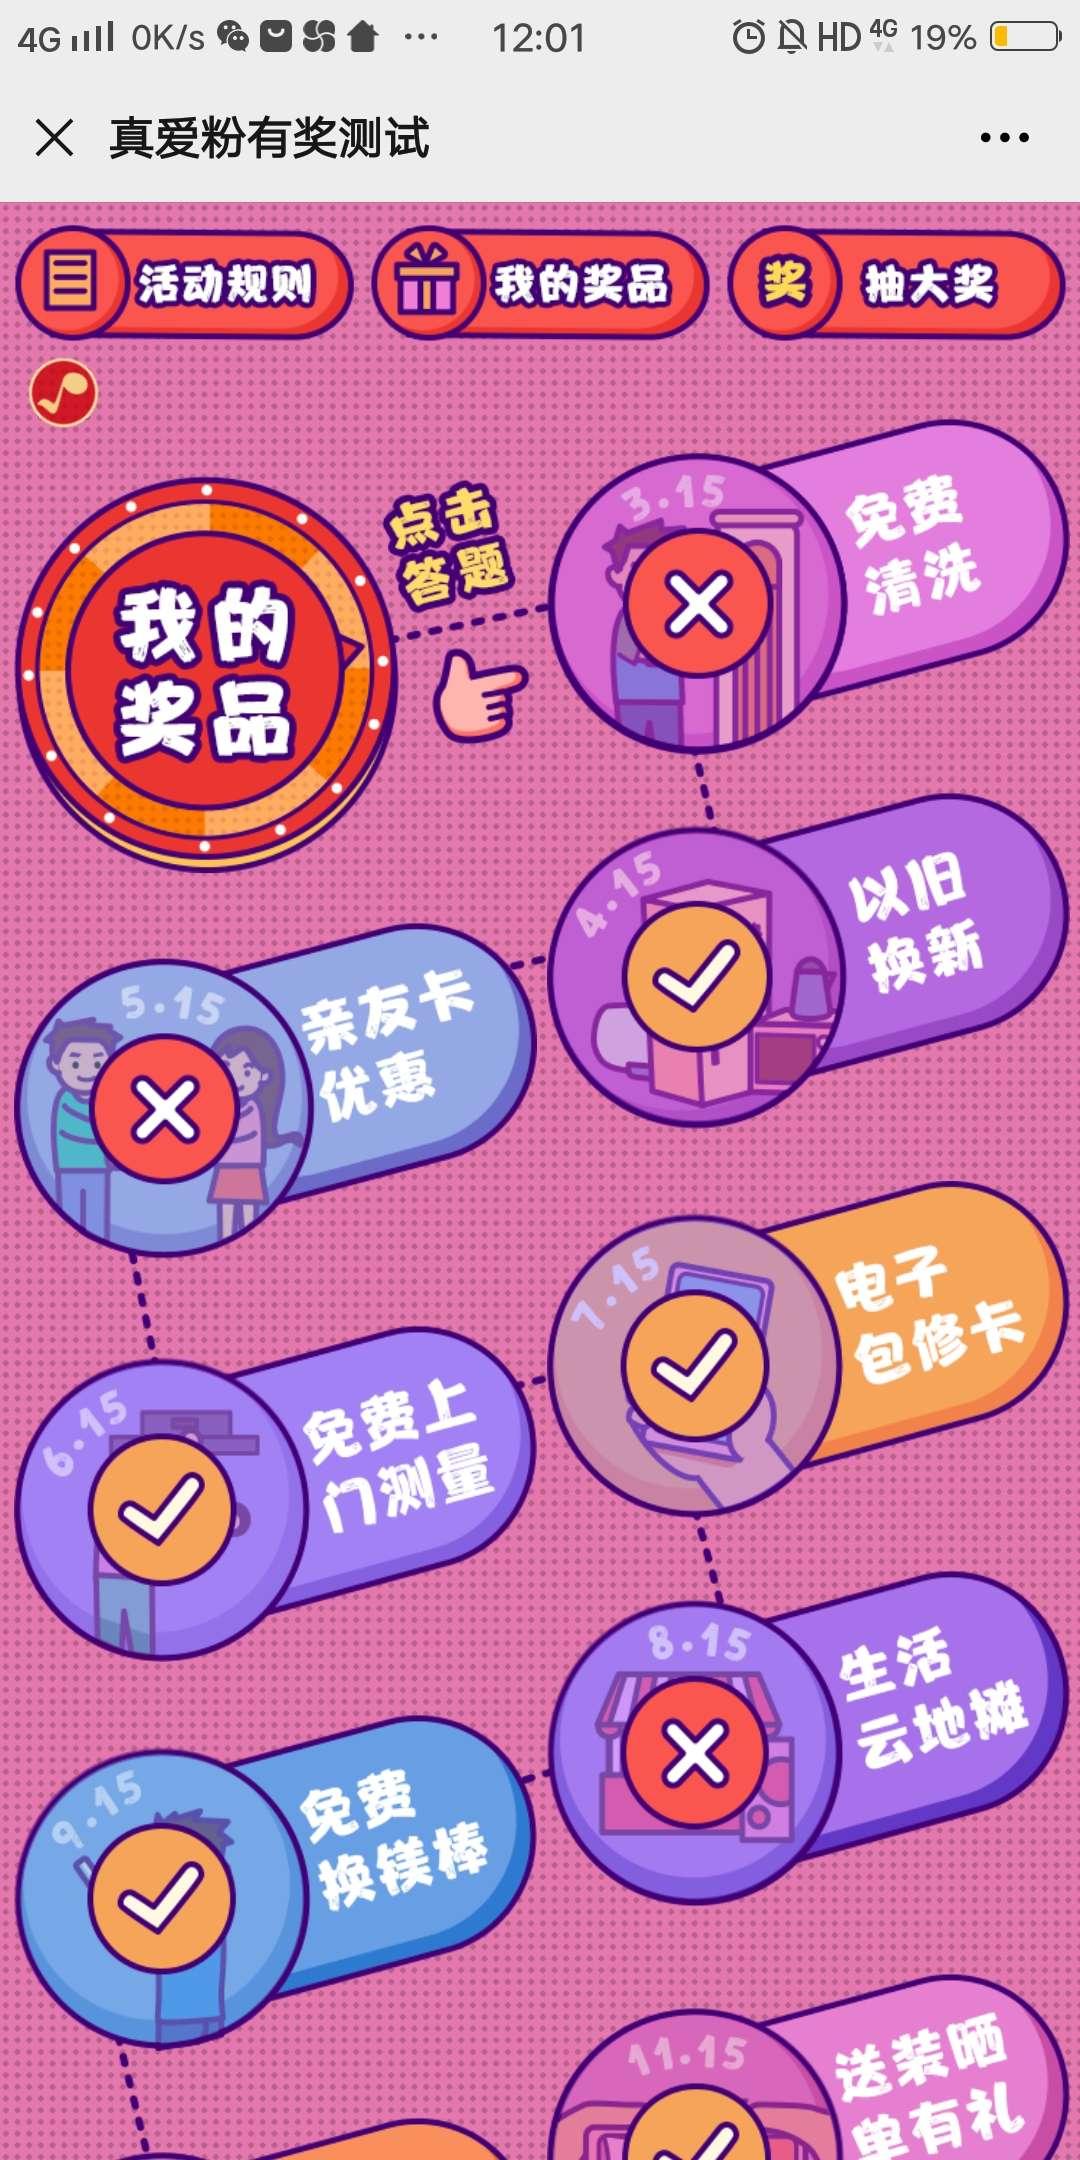 【现金红包】美的真爱粉有奖测试,答题抽红包-聚合资源网